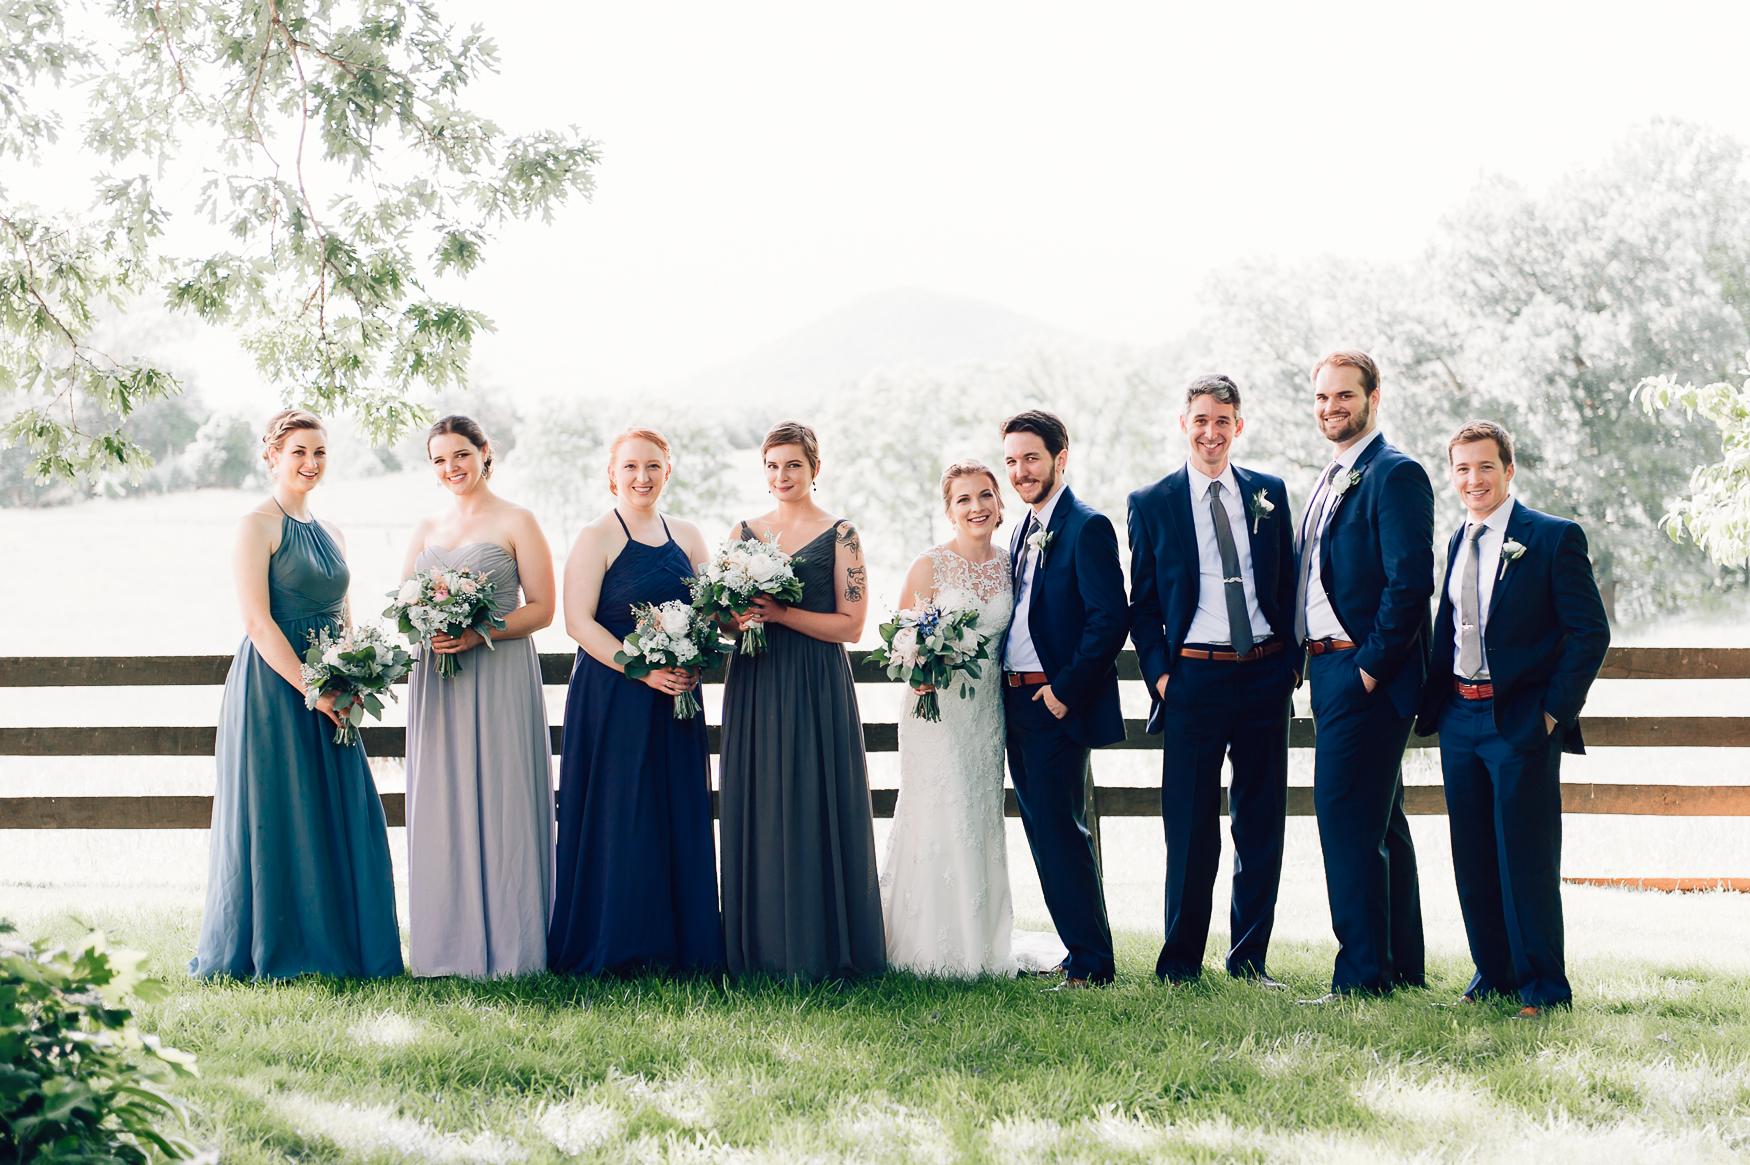 charlottesvillewedding_backyardwedding_virginia_youseephotography_CaitlinDerek (19).jpg